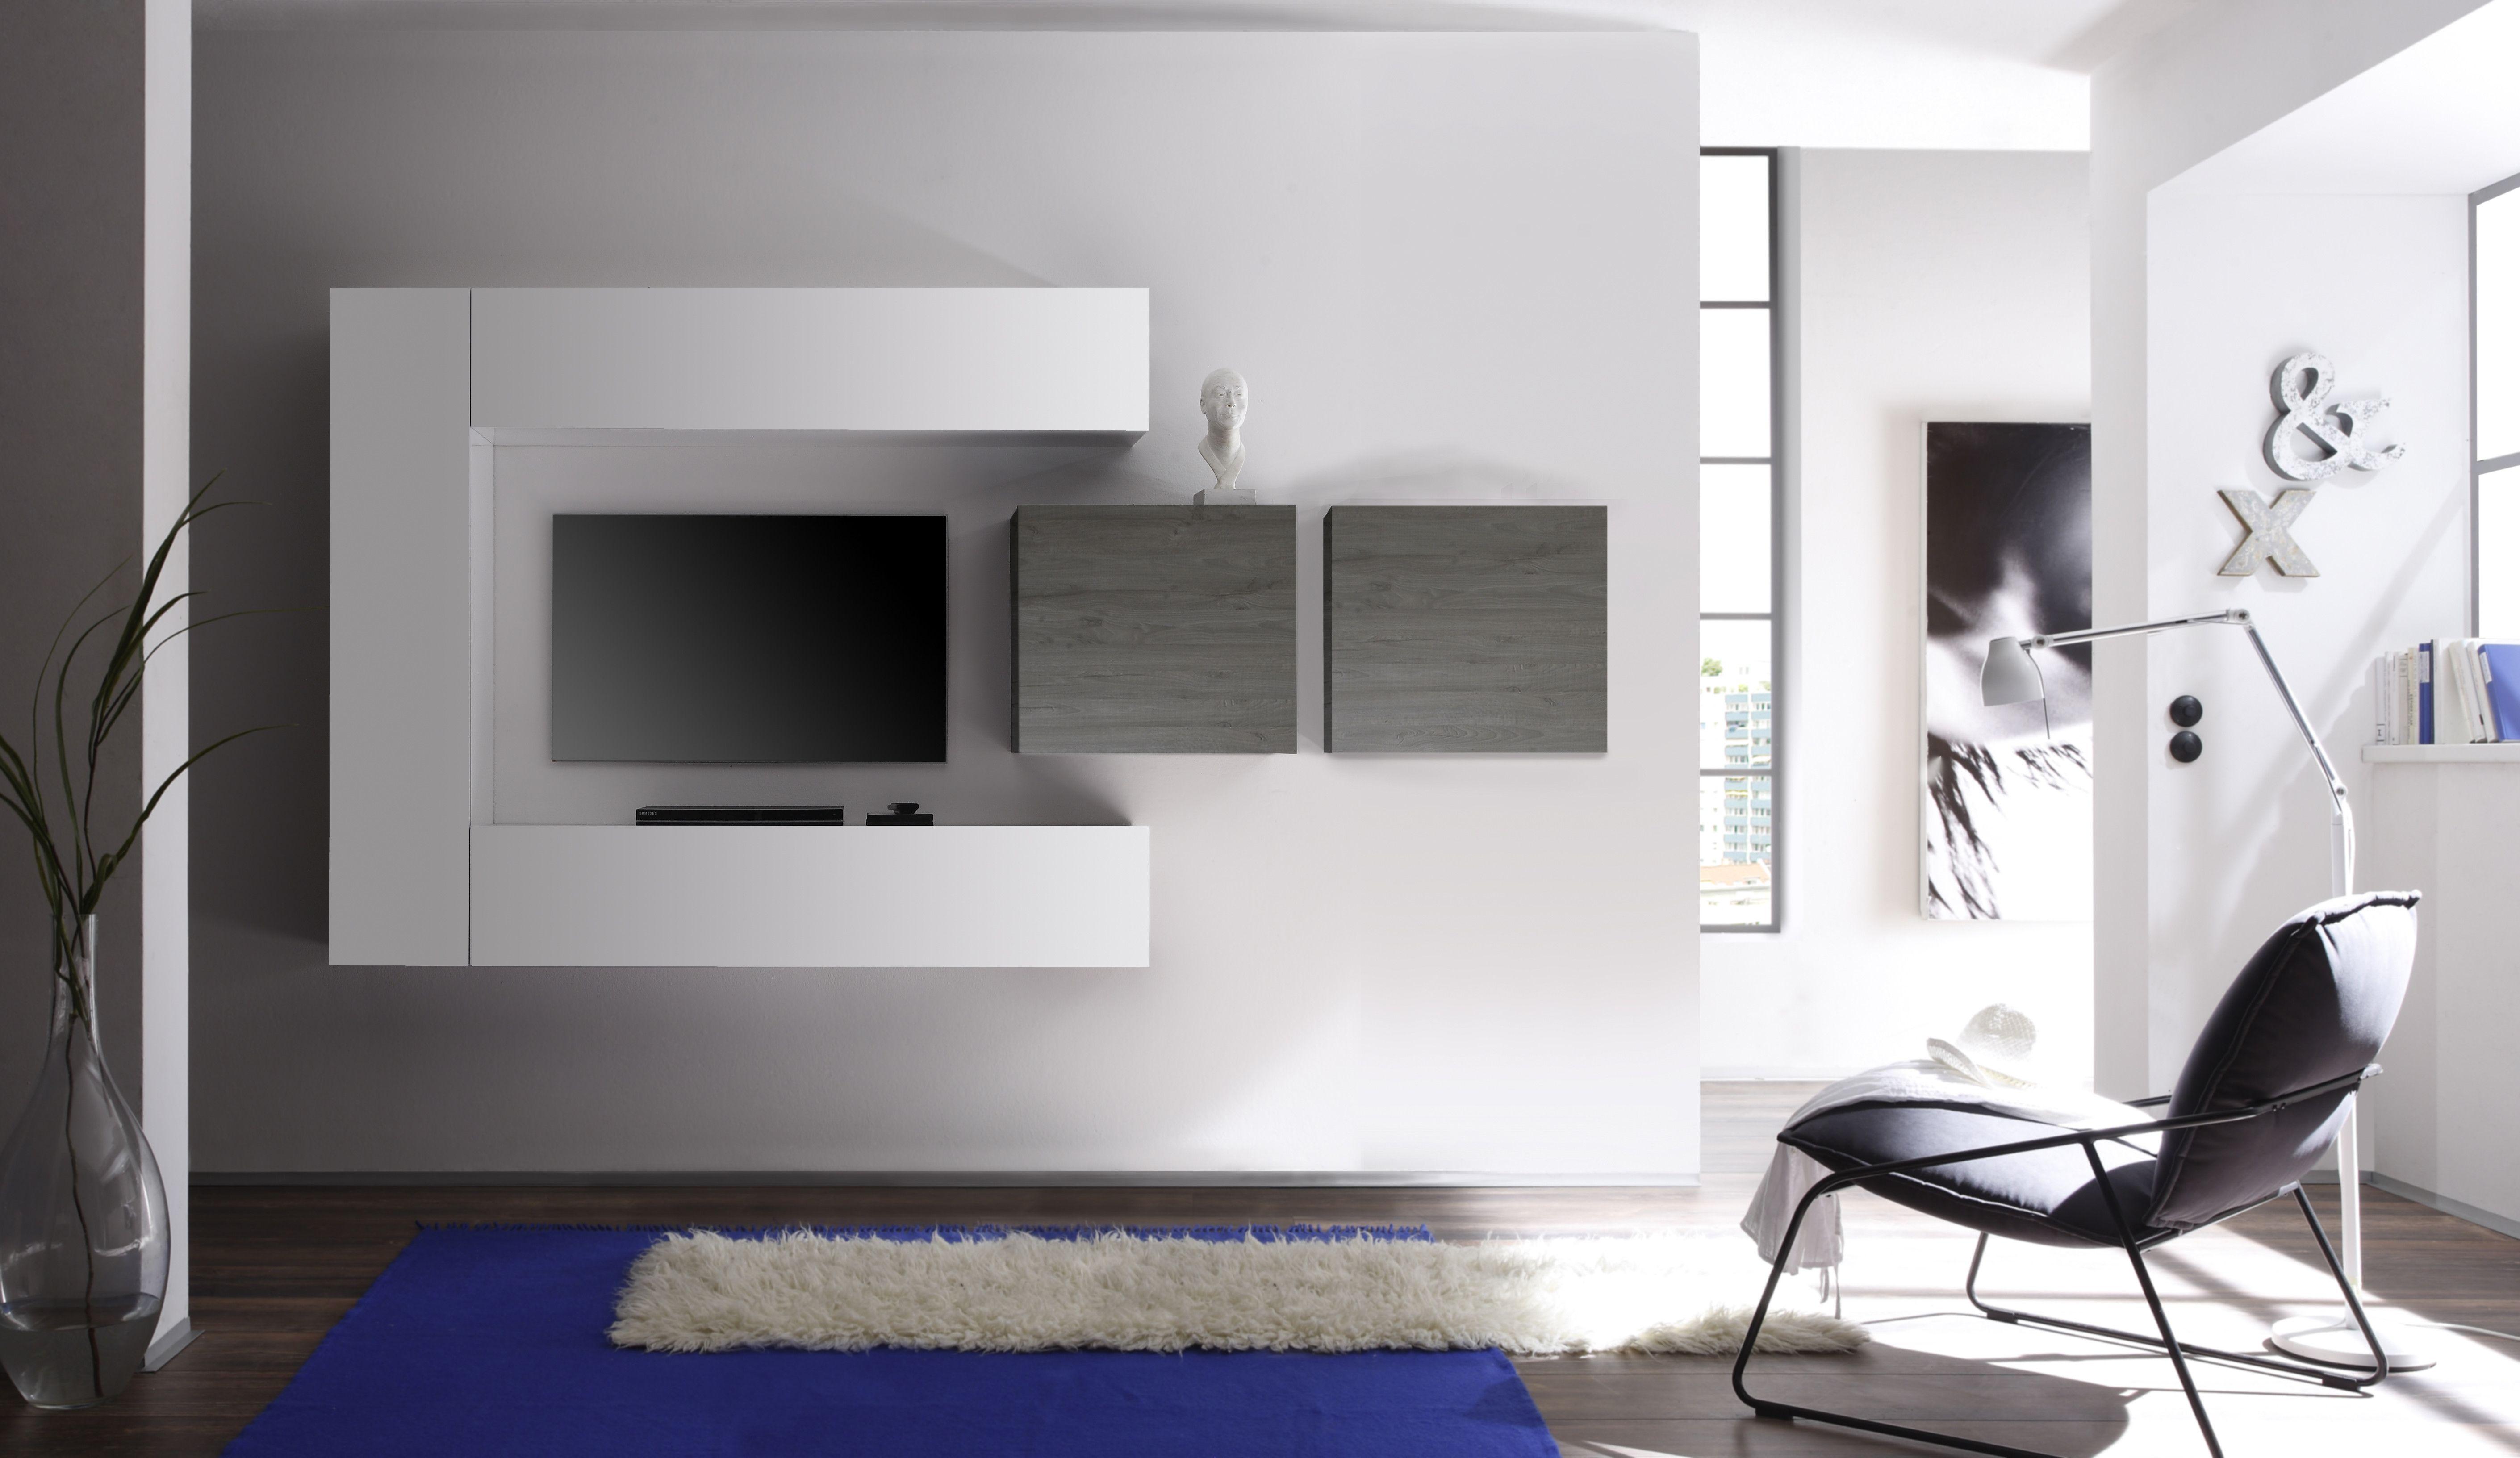 Nice Airline Lowboard Designer Konfigurator Haus Wohnzimmer Pinterest Lowboard Tv wohnwand und Wohnzimmer